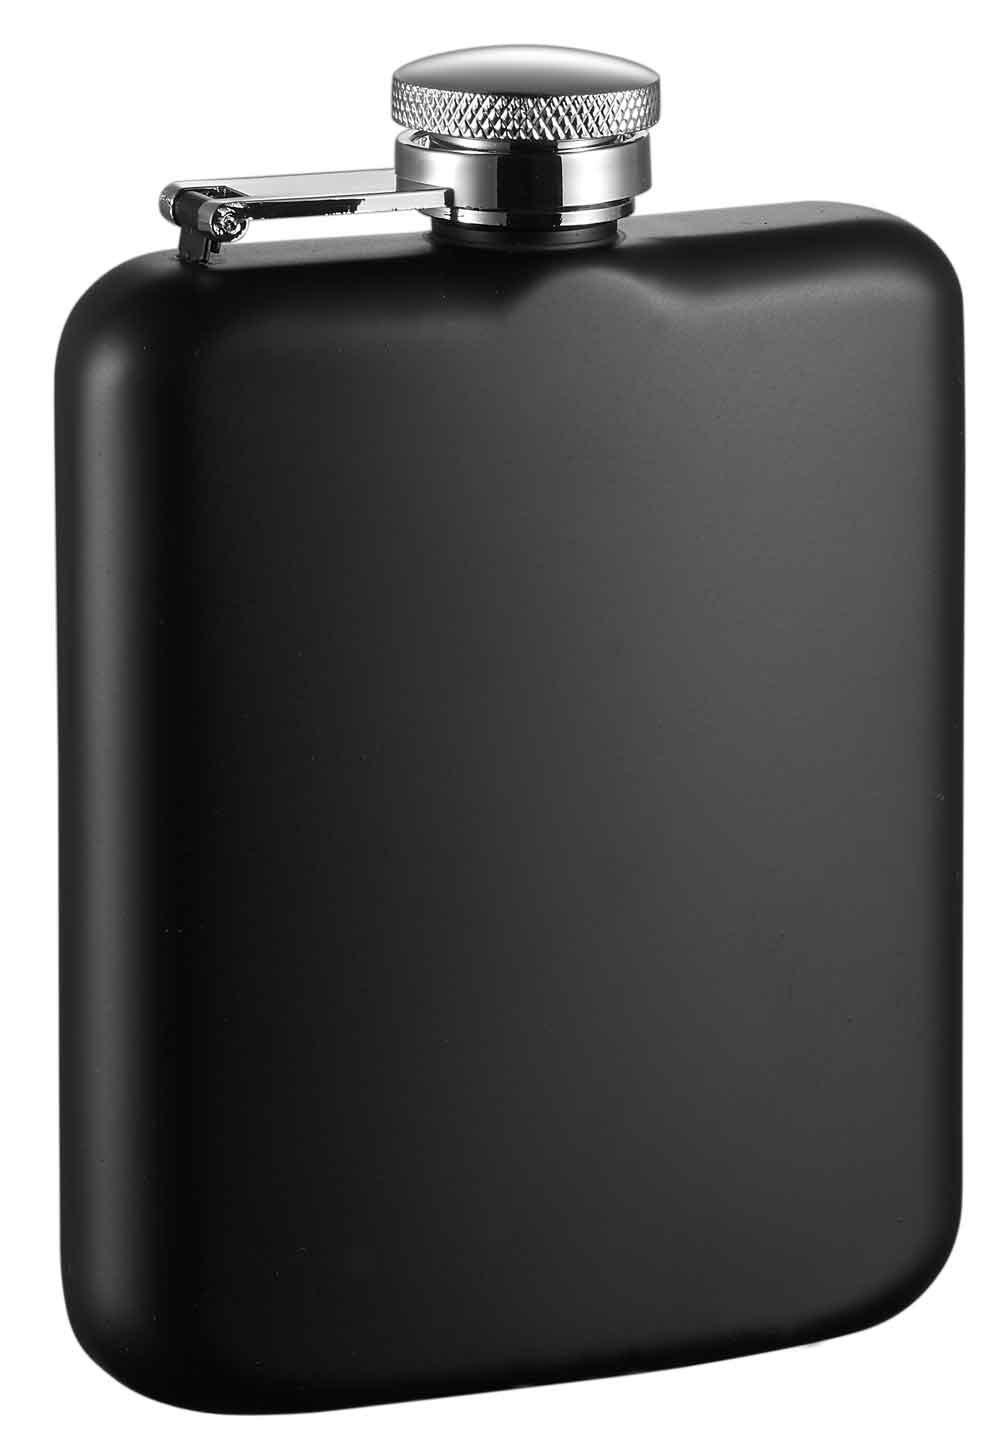 Visol Podova Stainless Steel Liquor Flask Black Matte VF1187BK 6 oz